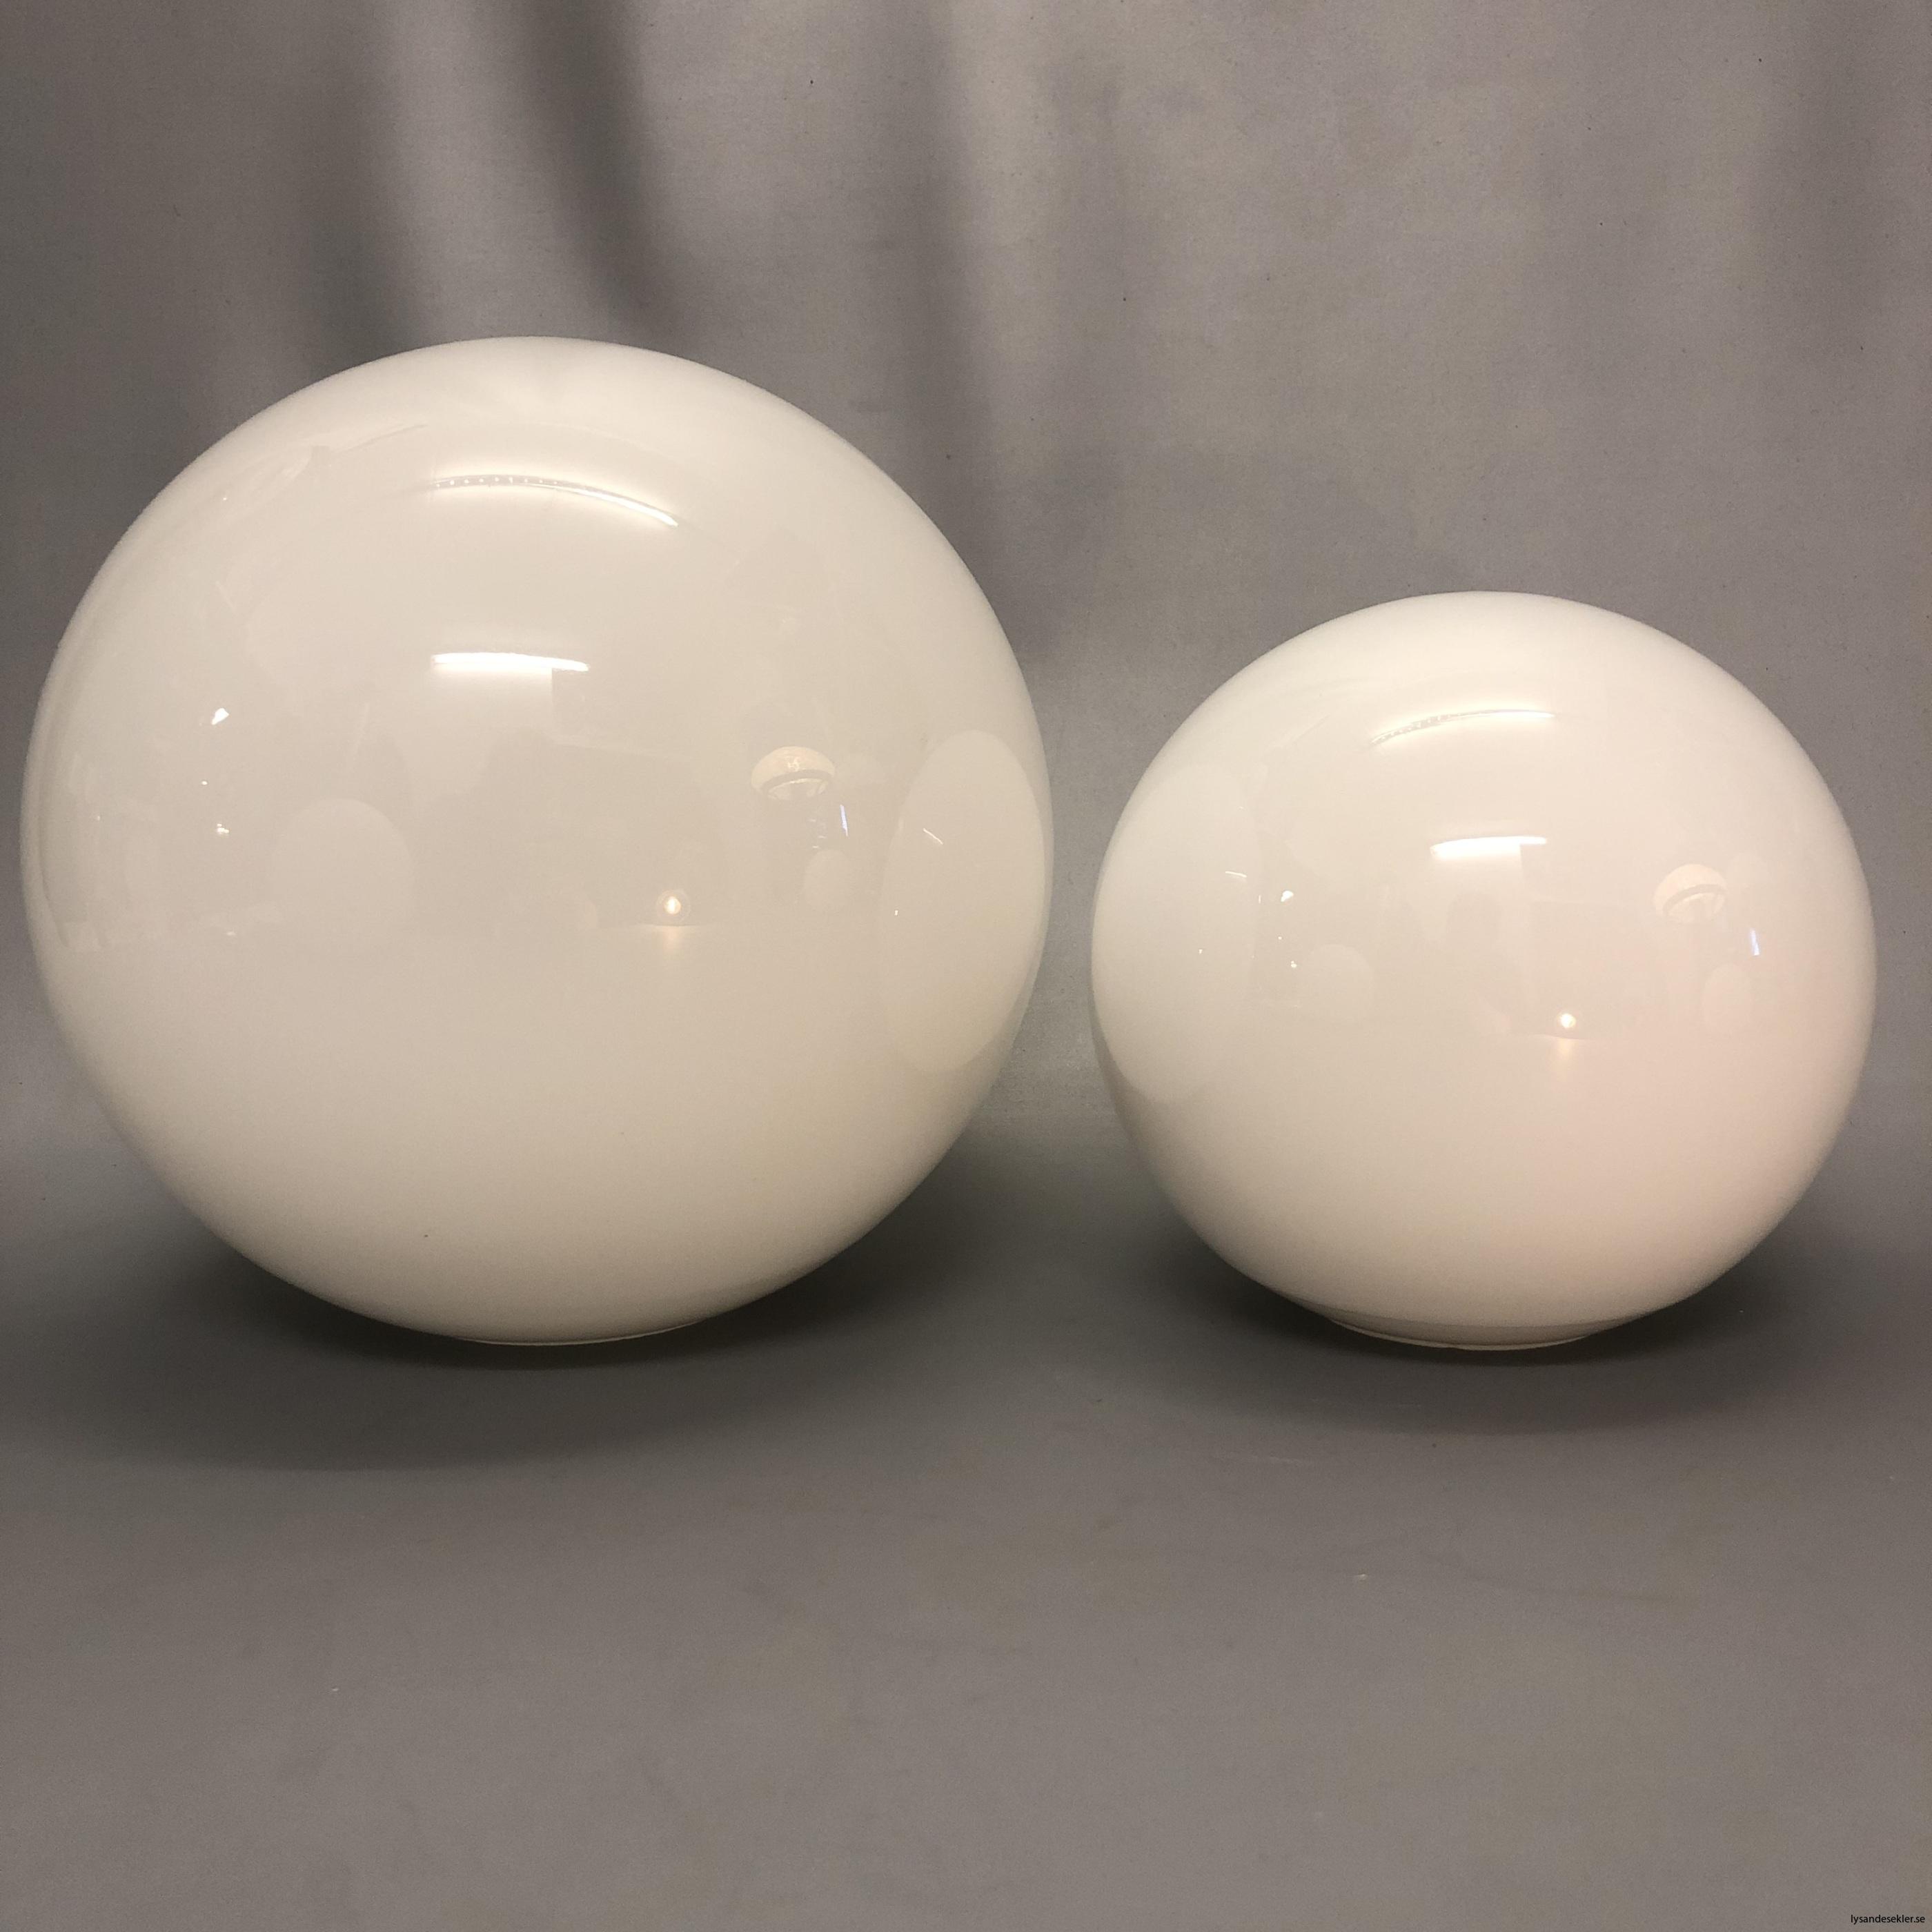 klot glas lampklot lampglas klotglas matt blankt vitt hålkupa hål7